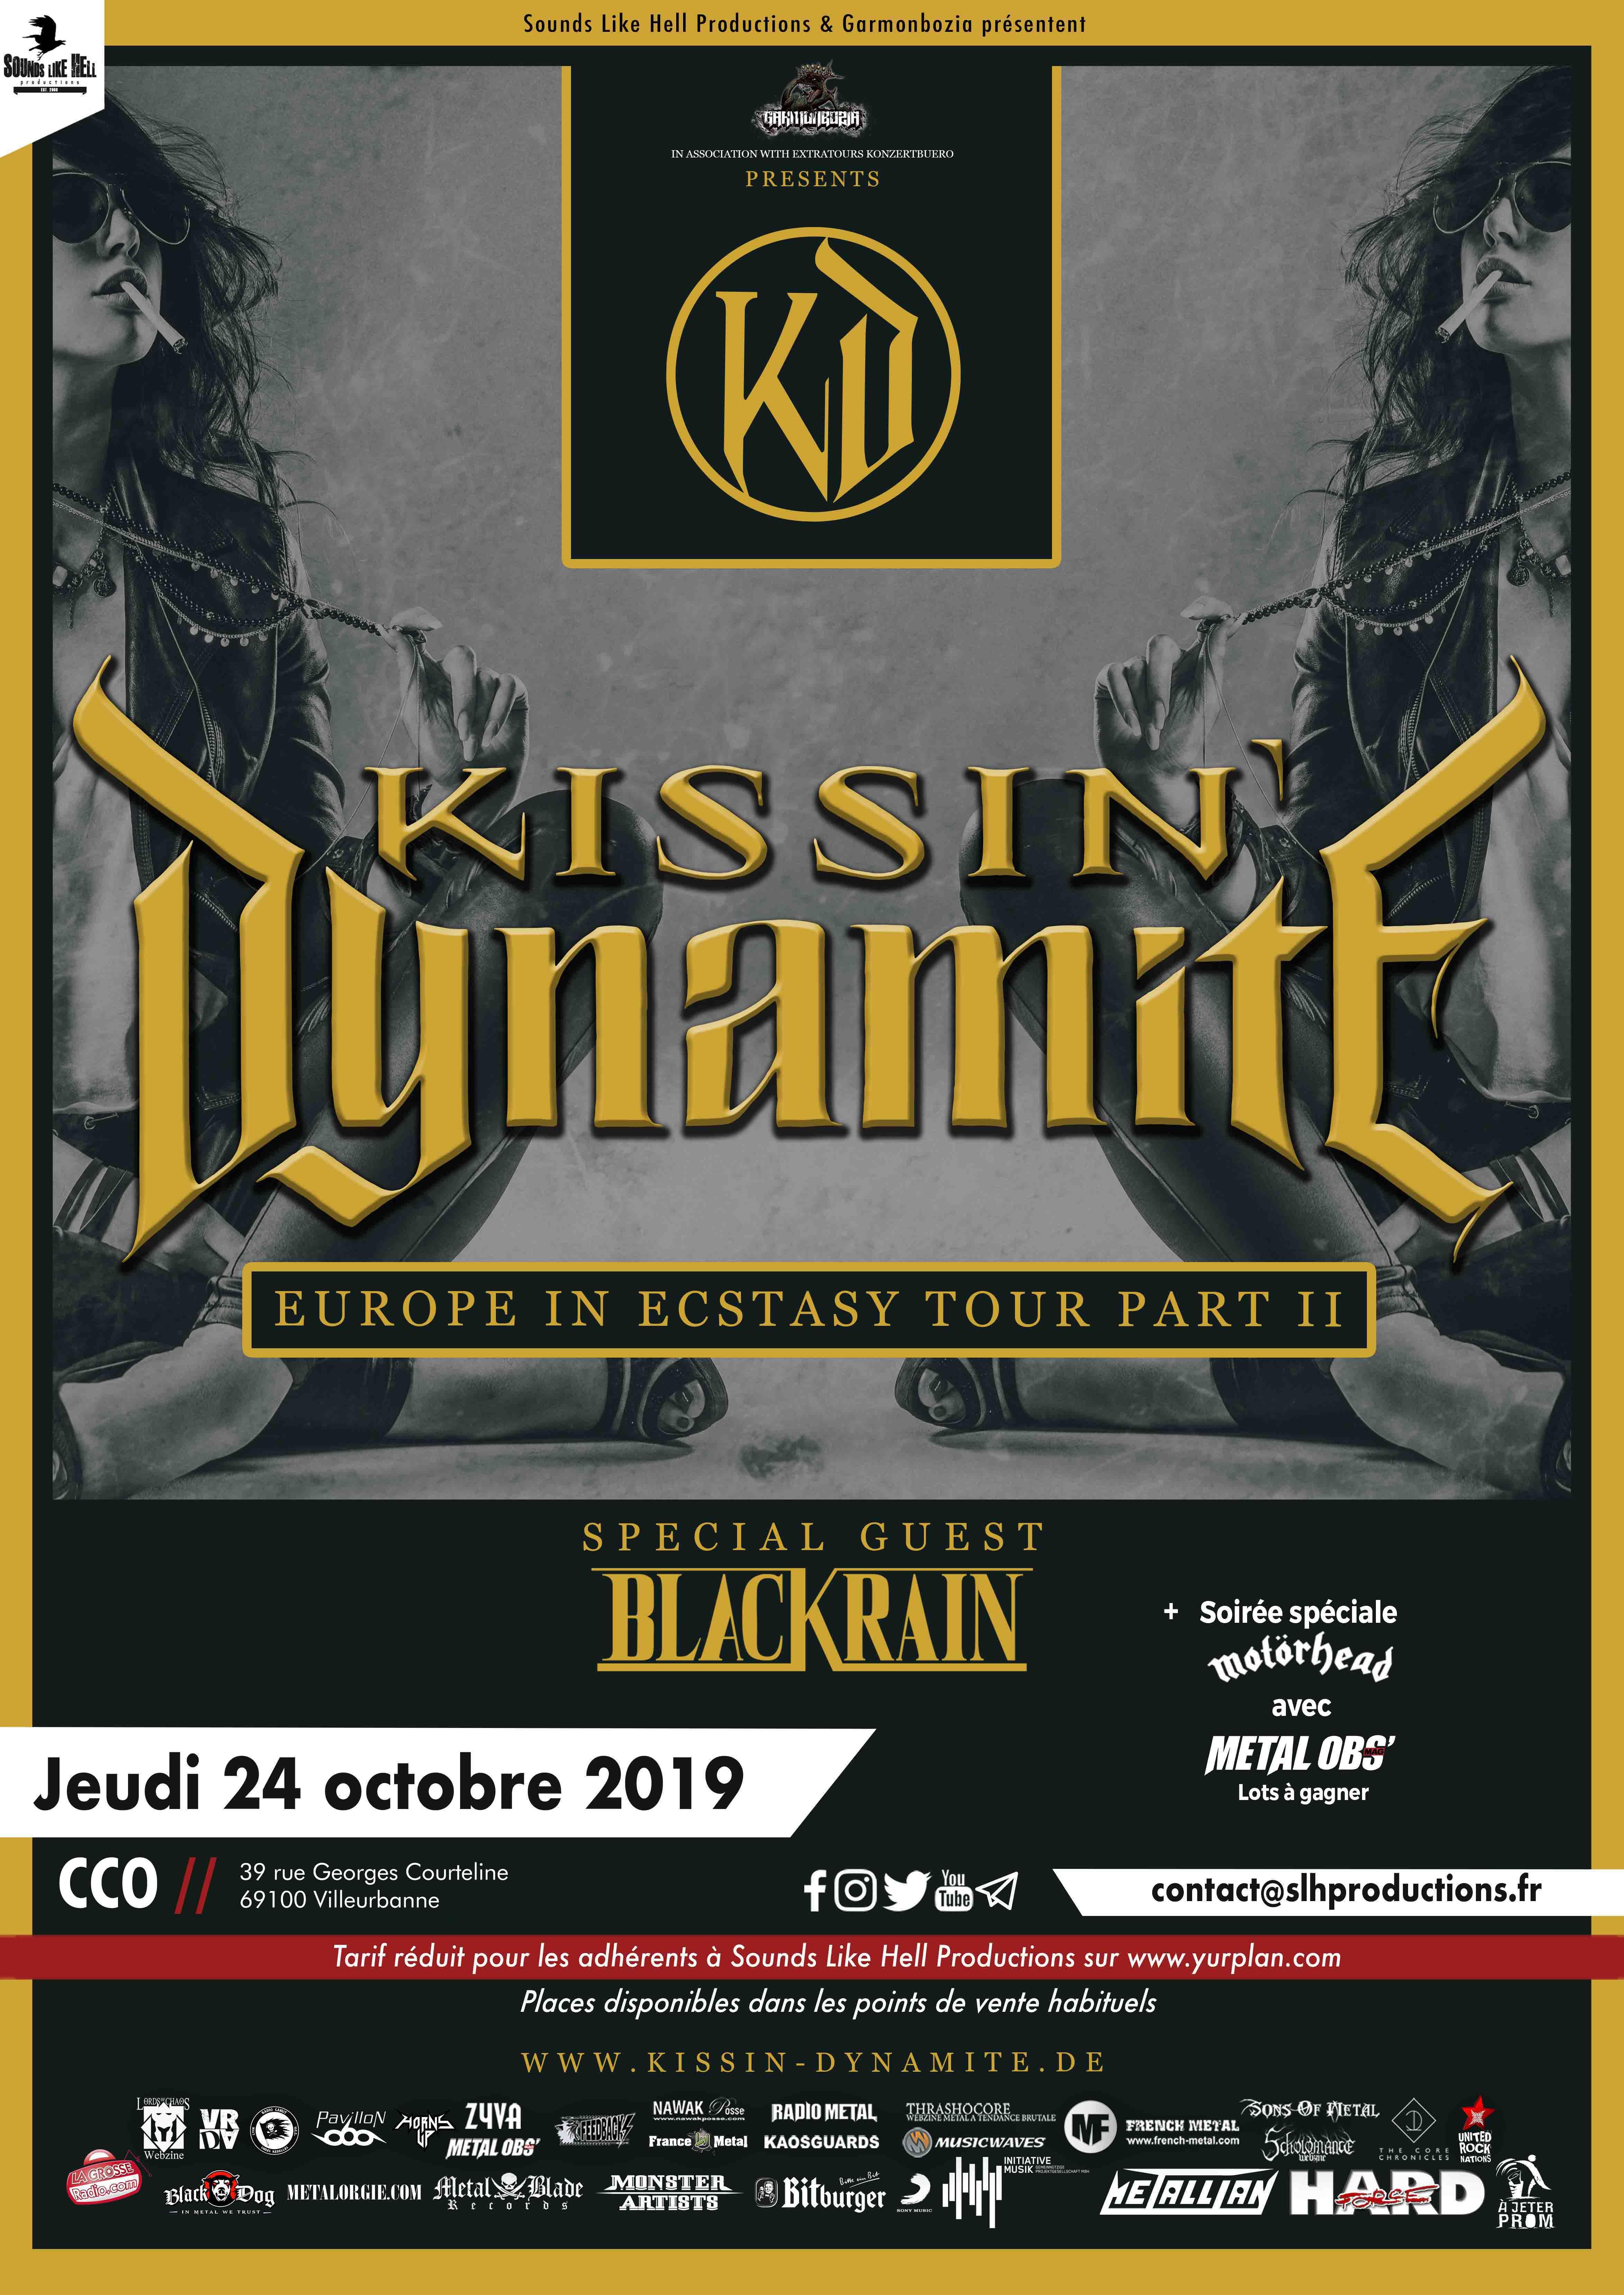 Affiche du concert de Kissin' Dynamite + BlackRain - Europe in Ecstasy Tour - Lyon le 24 octobre 2019